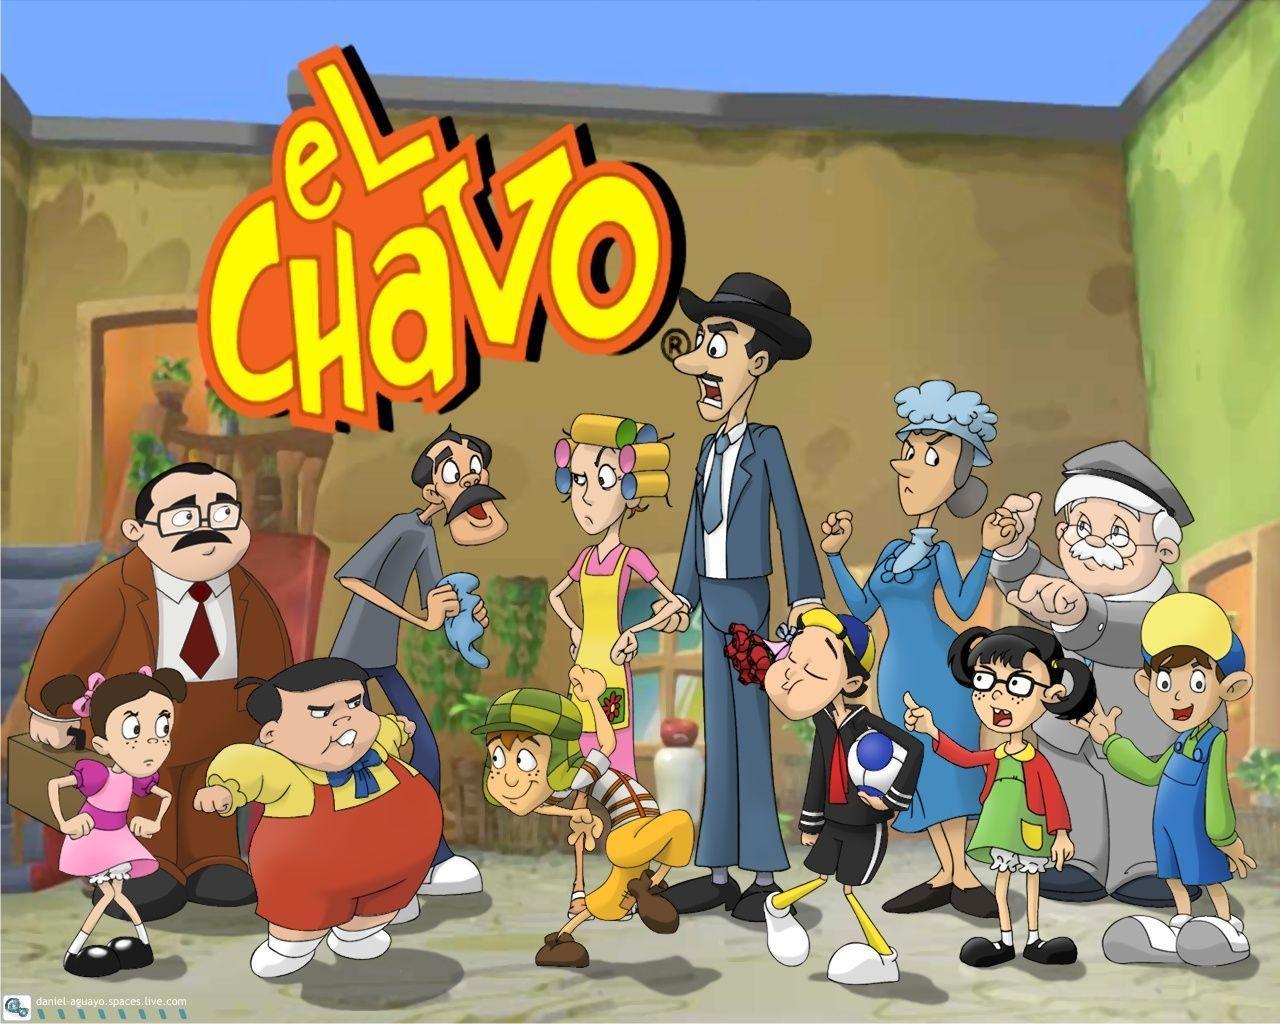 El Chavo Del 8 Wallpapers Wallpaper Cave